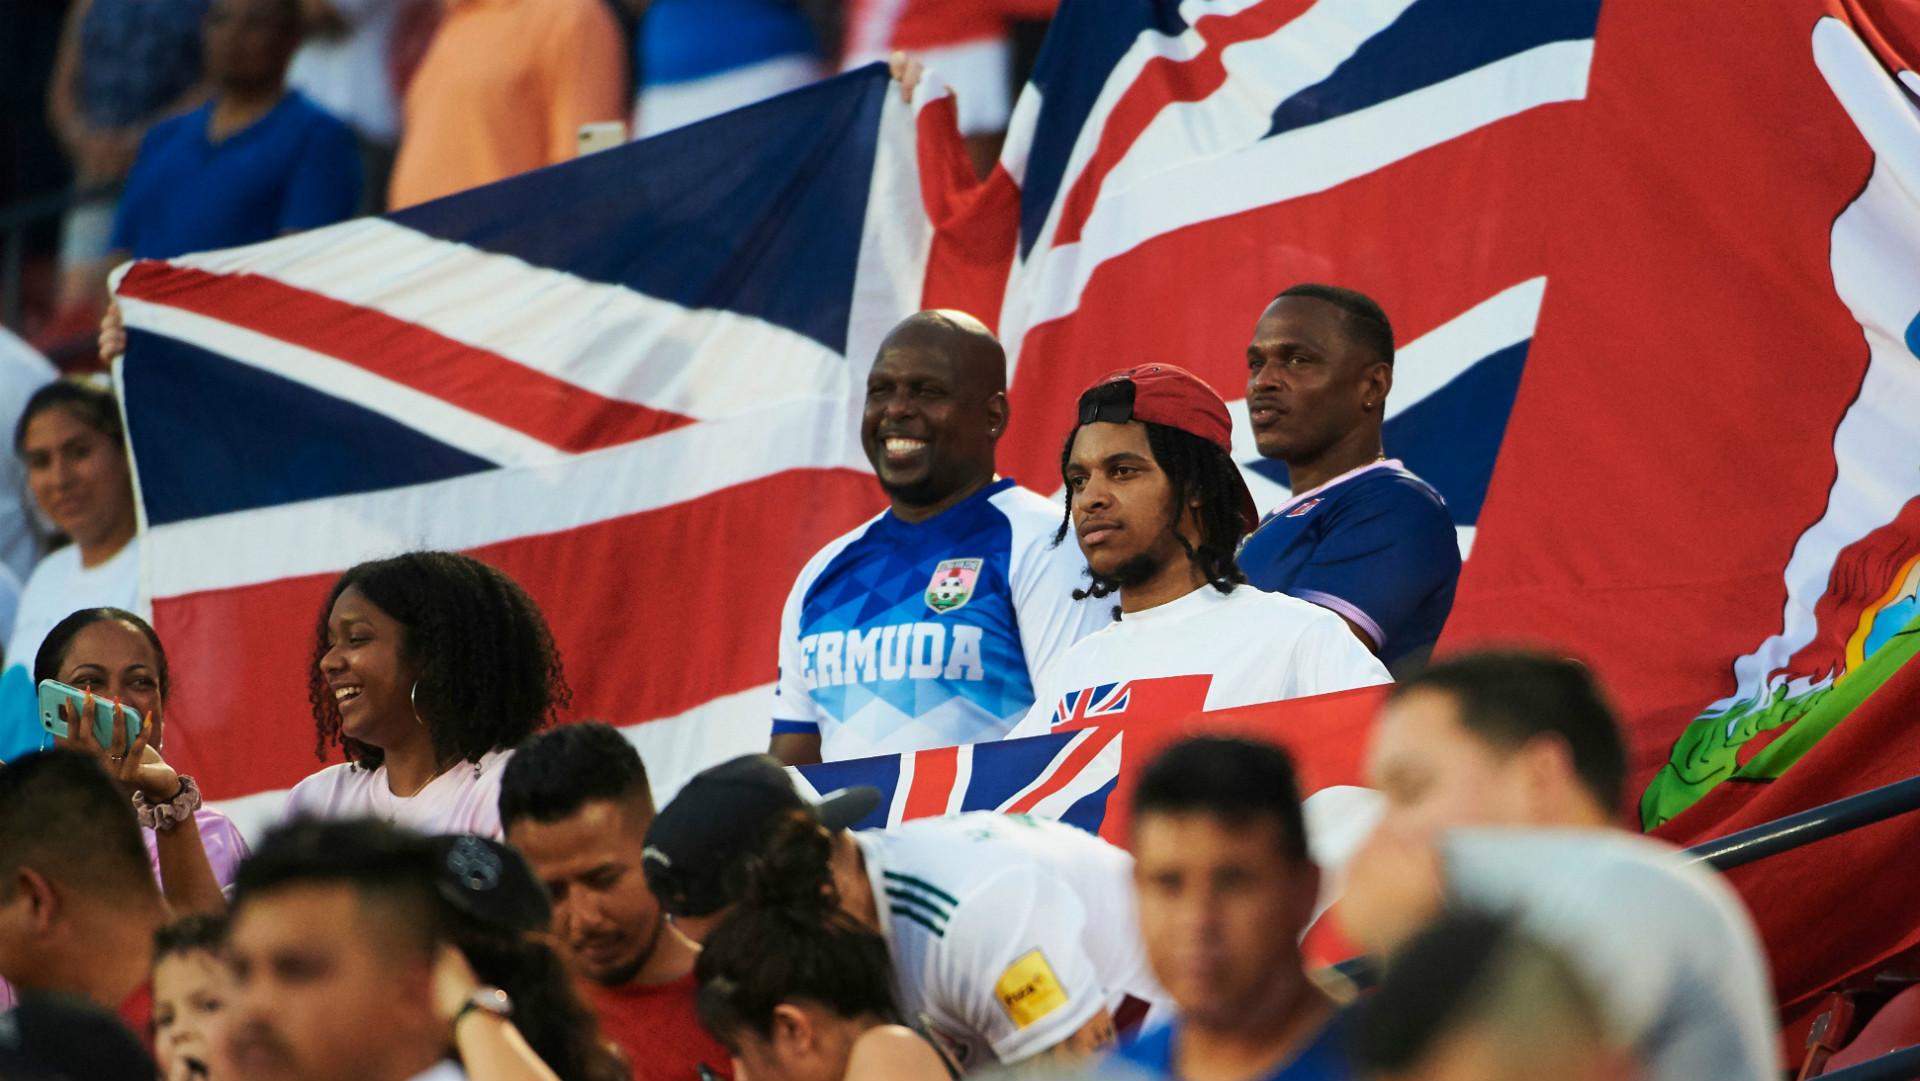 Bermuda fans